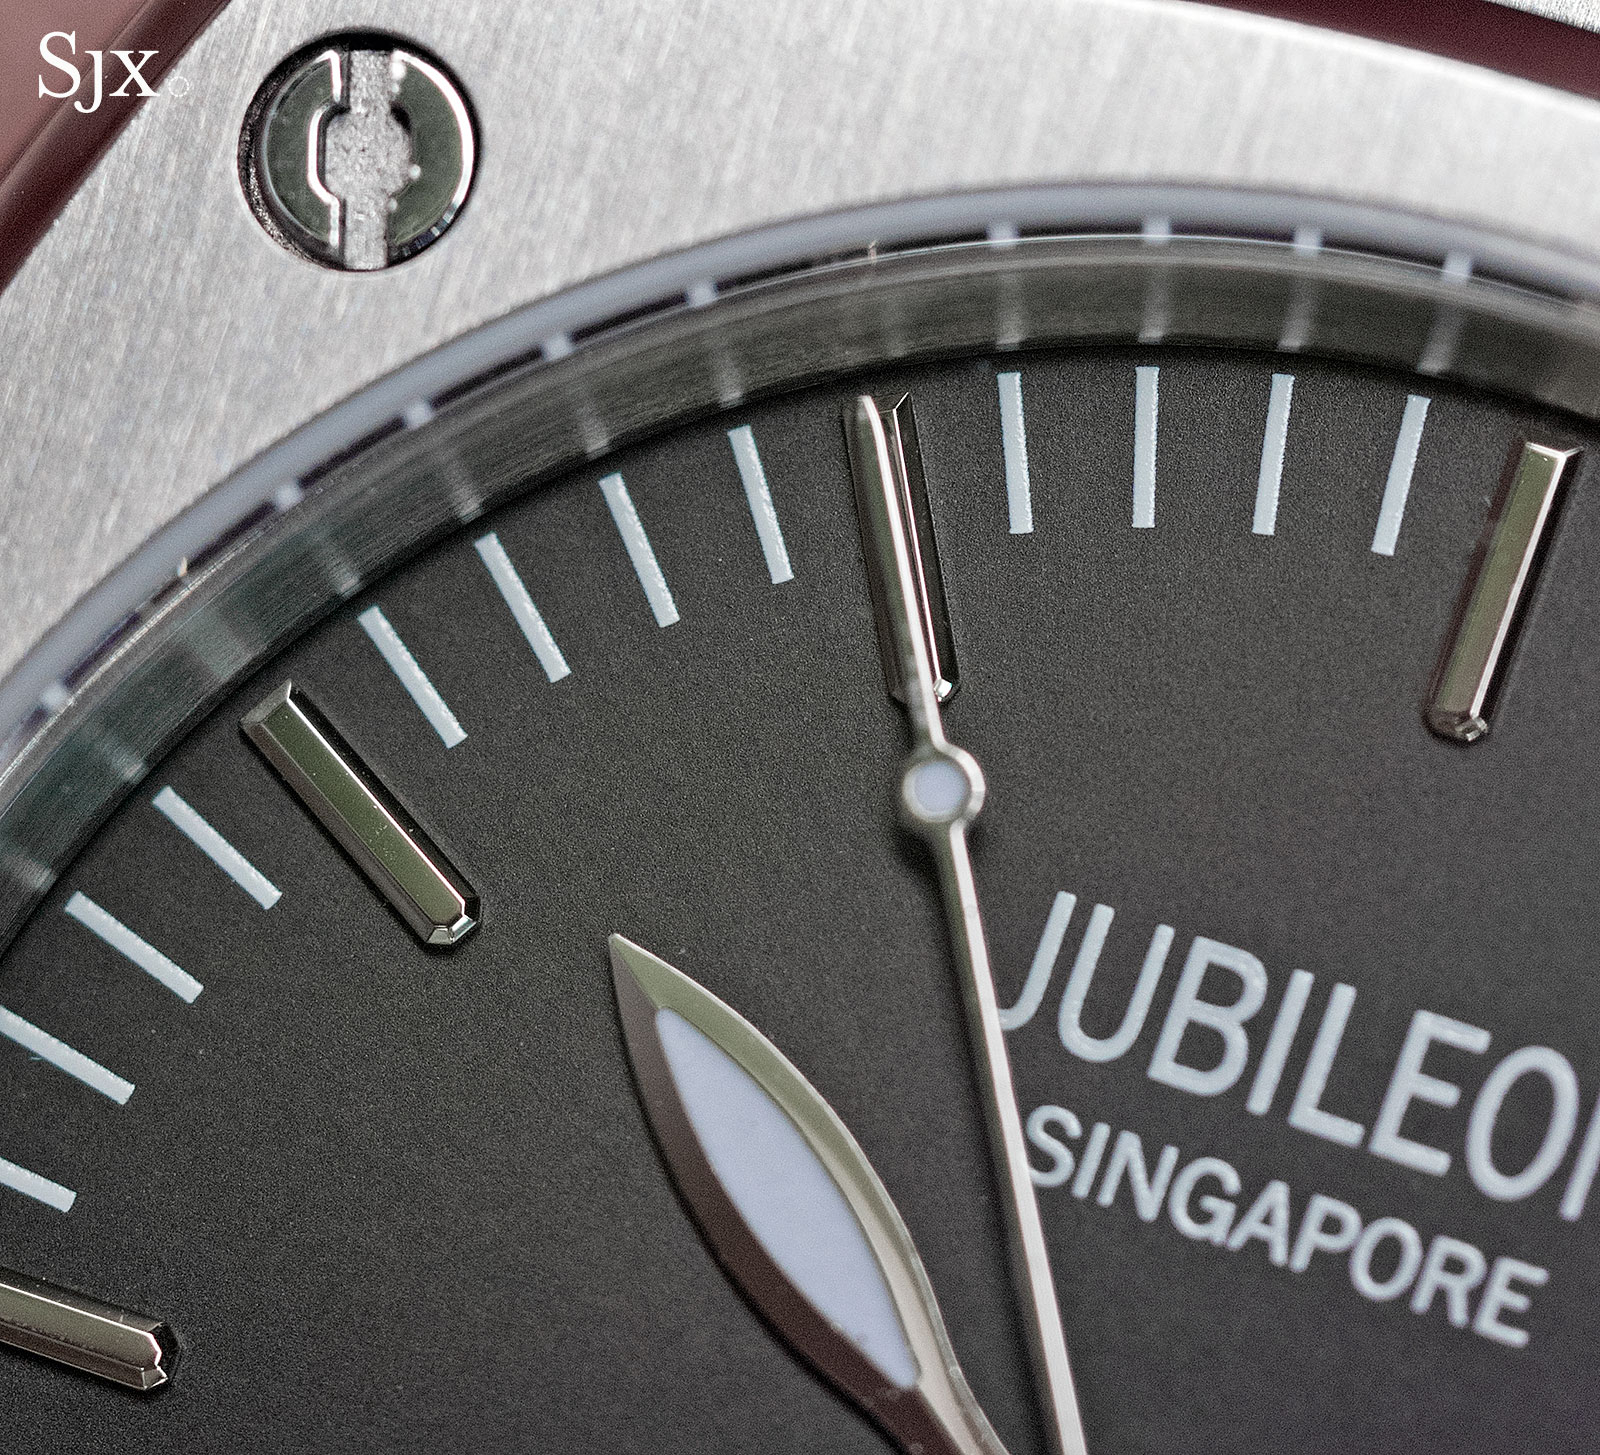 Jubileon Superellipse 8